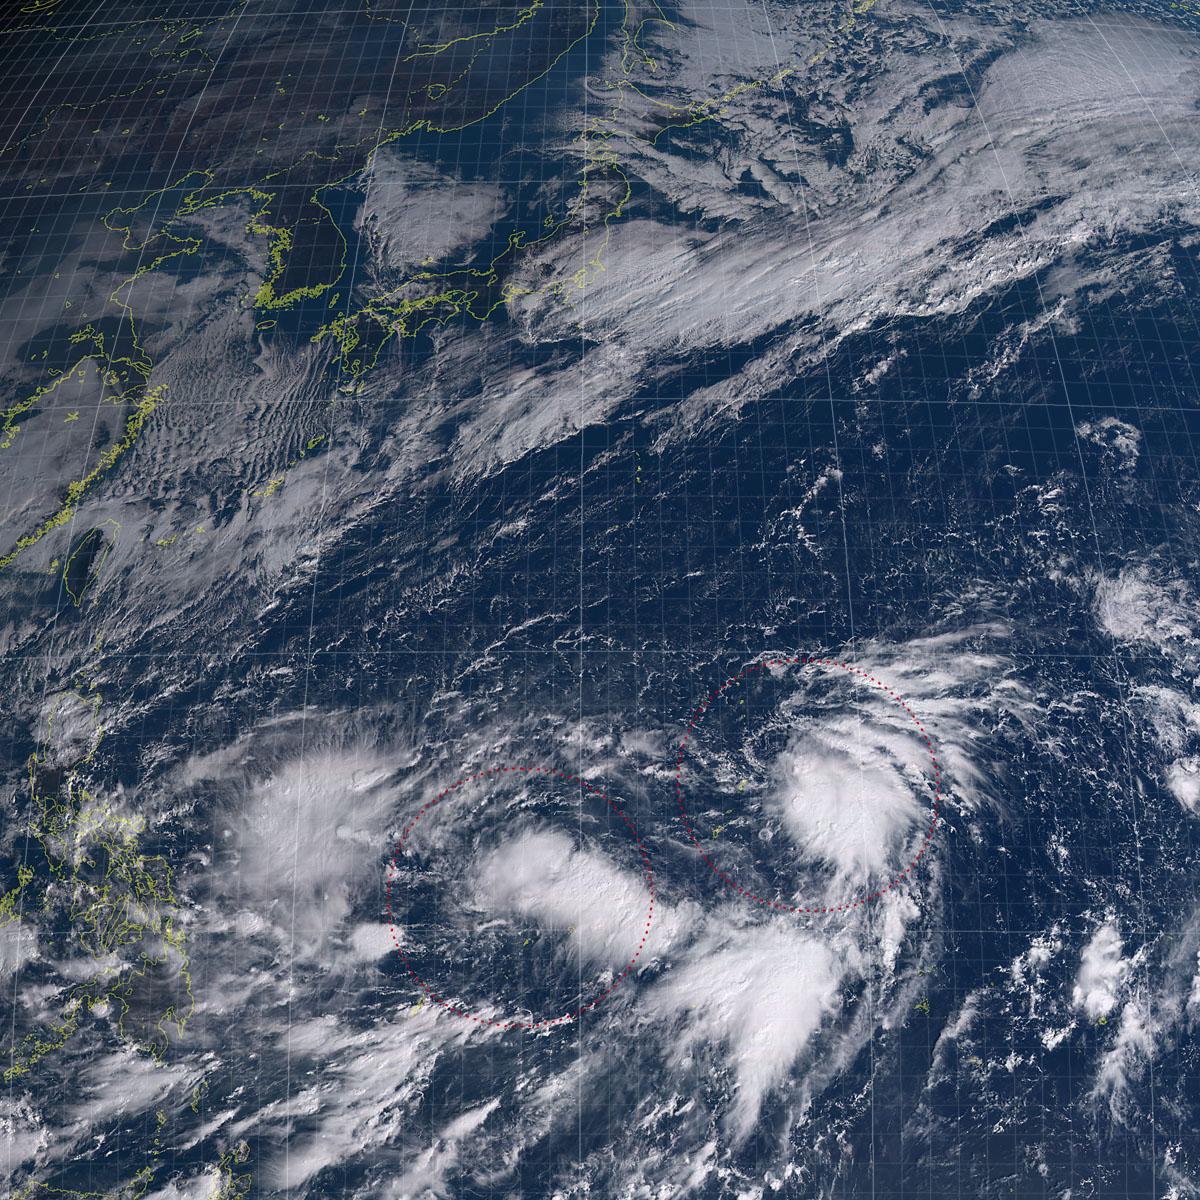 20161102-0900気象衛星画像